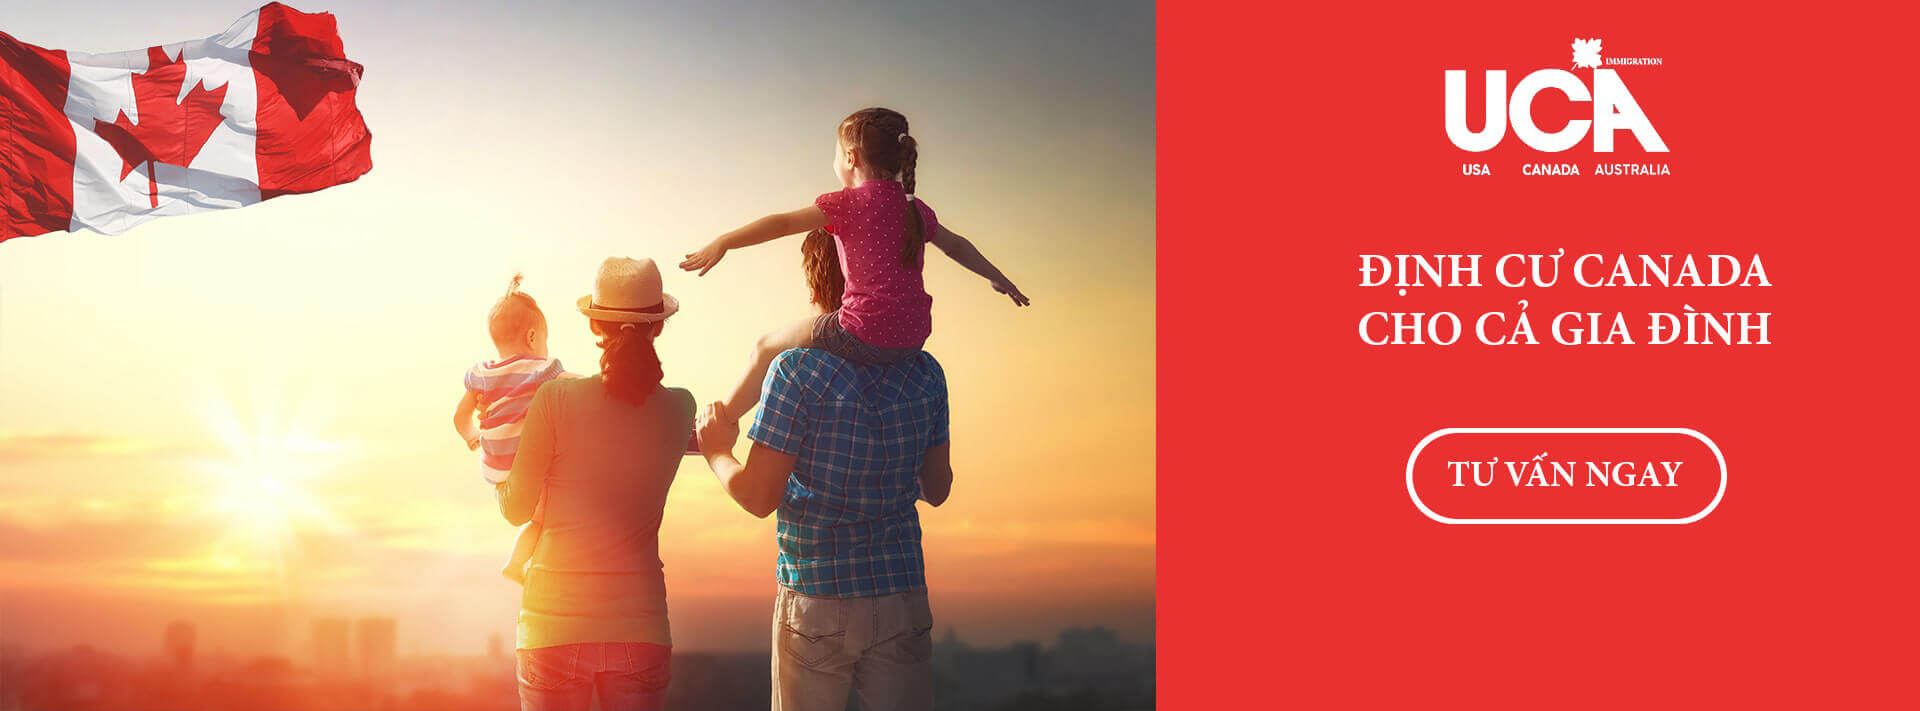 Định cư Canada 2021 dạng tay nghề cả gia đình